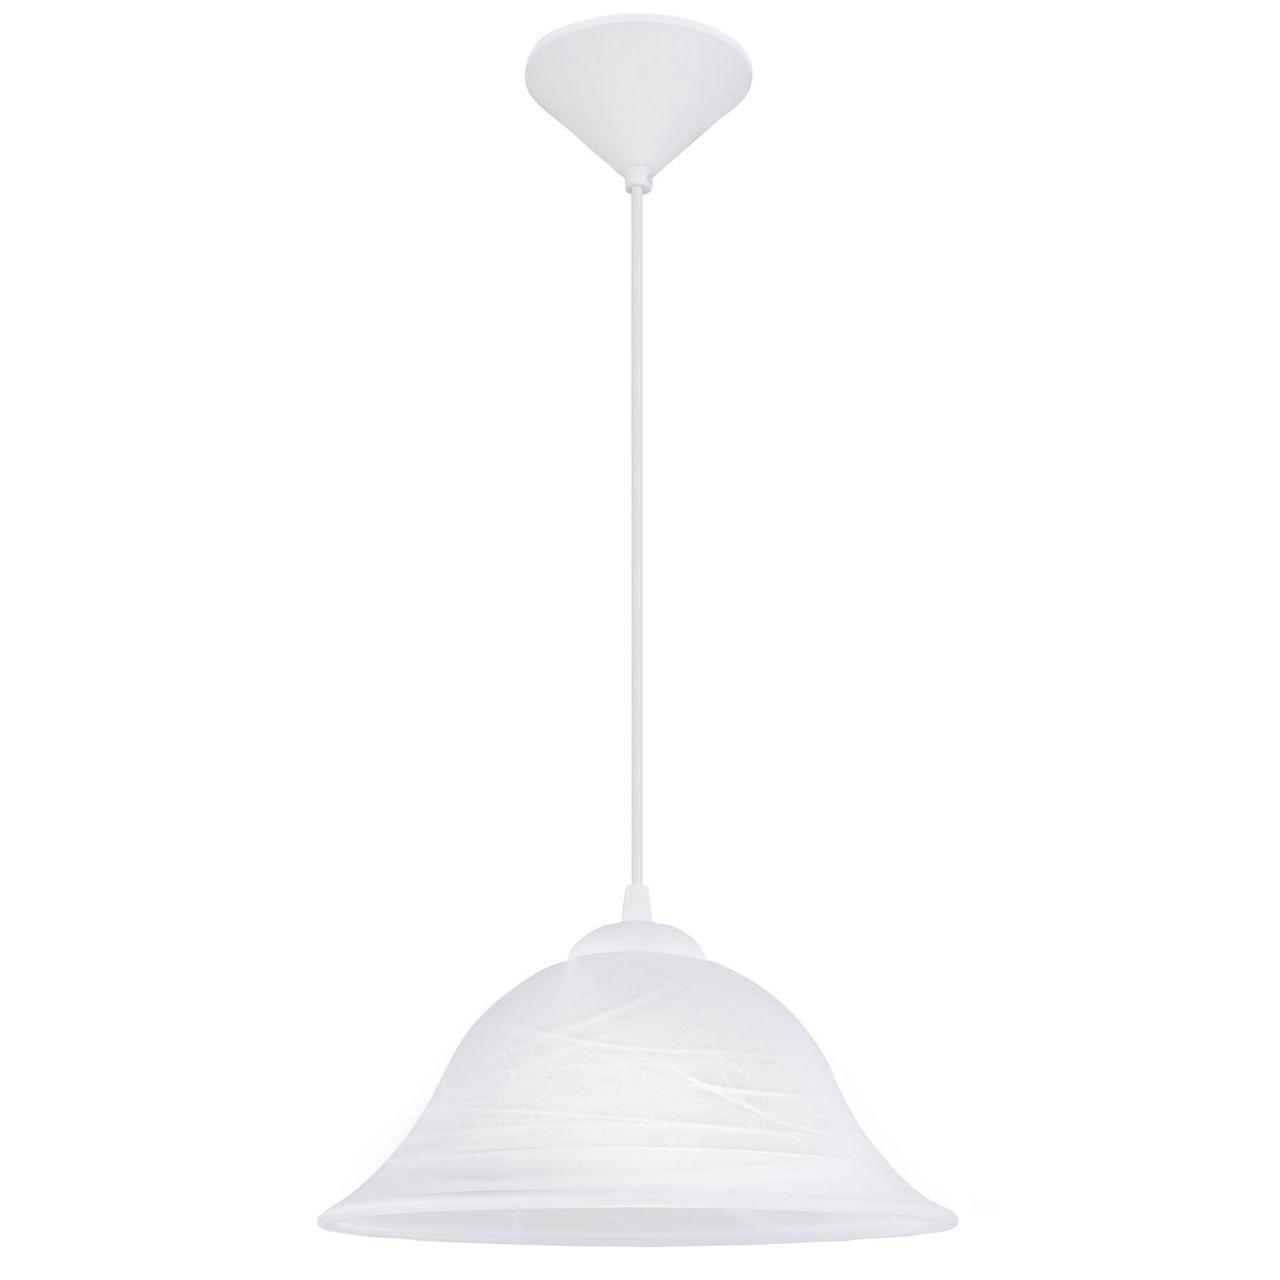 Подвесной светильник Eglo Alessandra 3362 3362